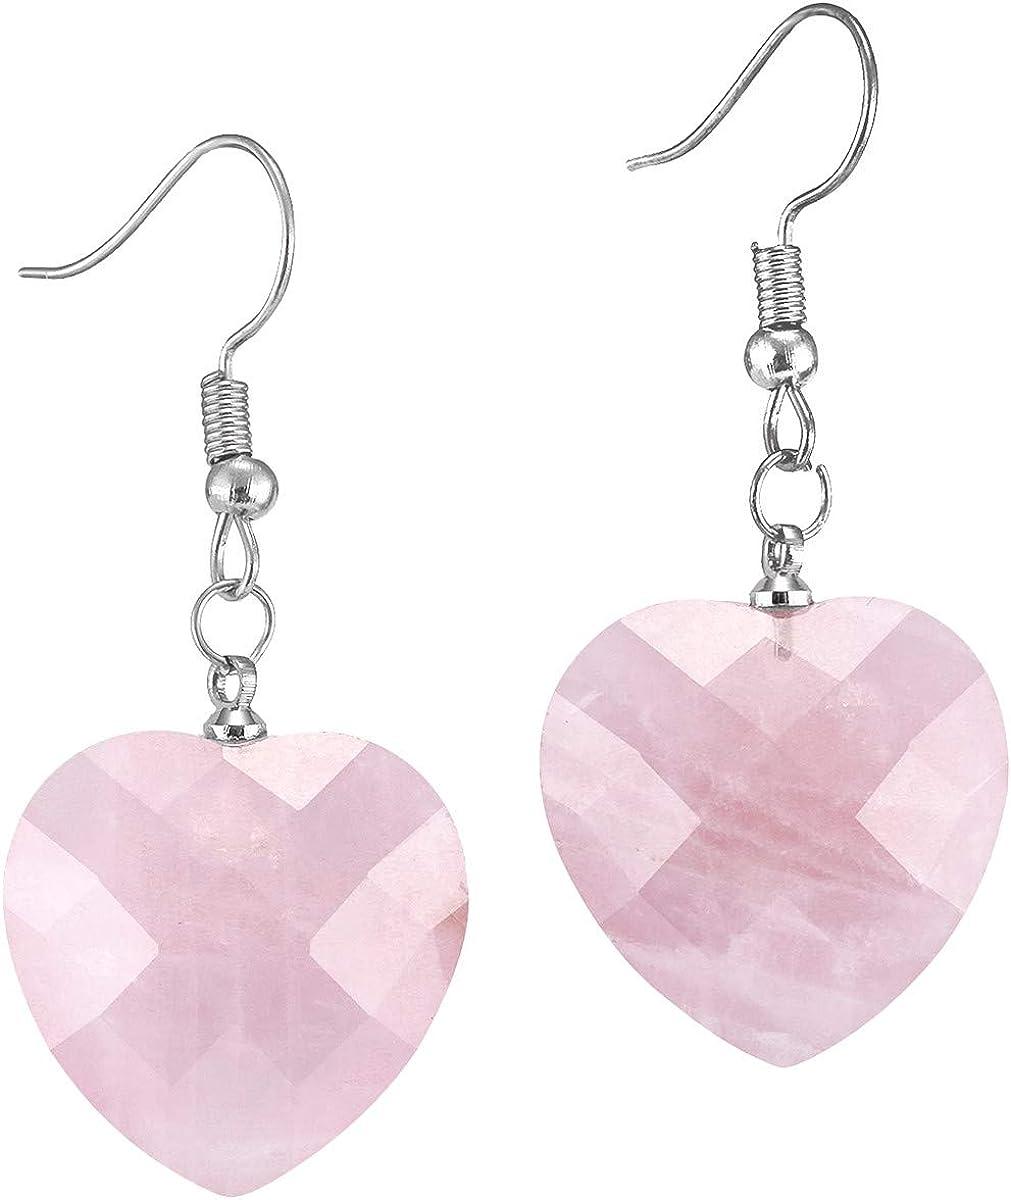 TUMBEELLUWA Healing Crystal Heart Drop Earrings for Women Love Faceted Quartz Fishhook Dangle Earrings